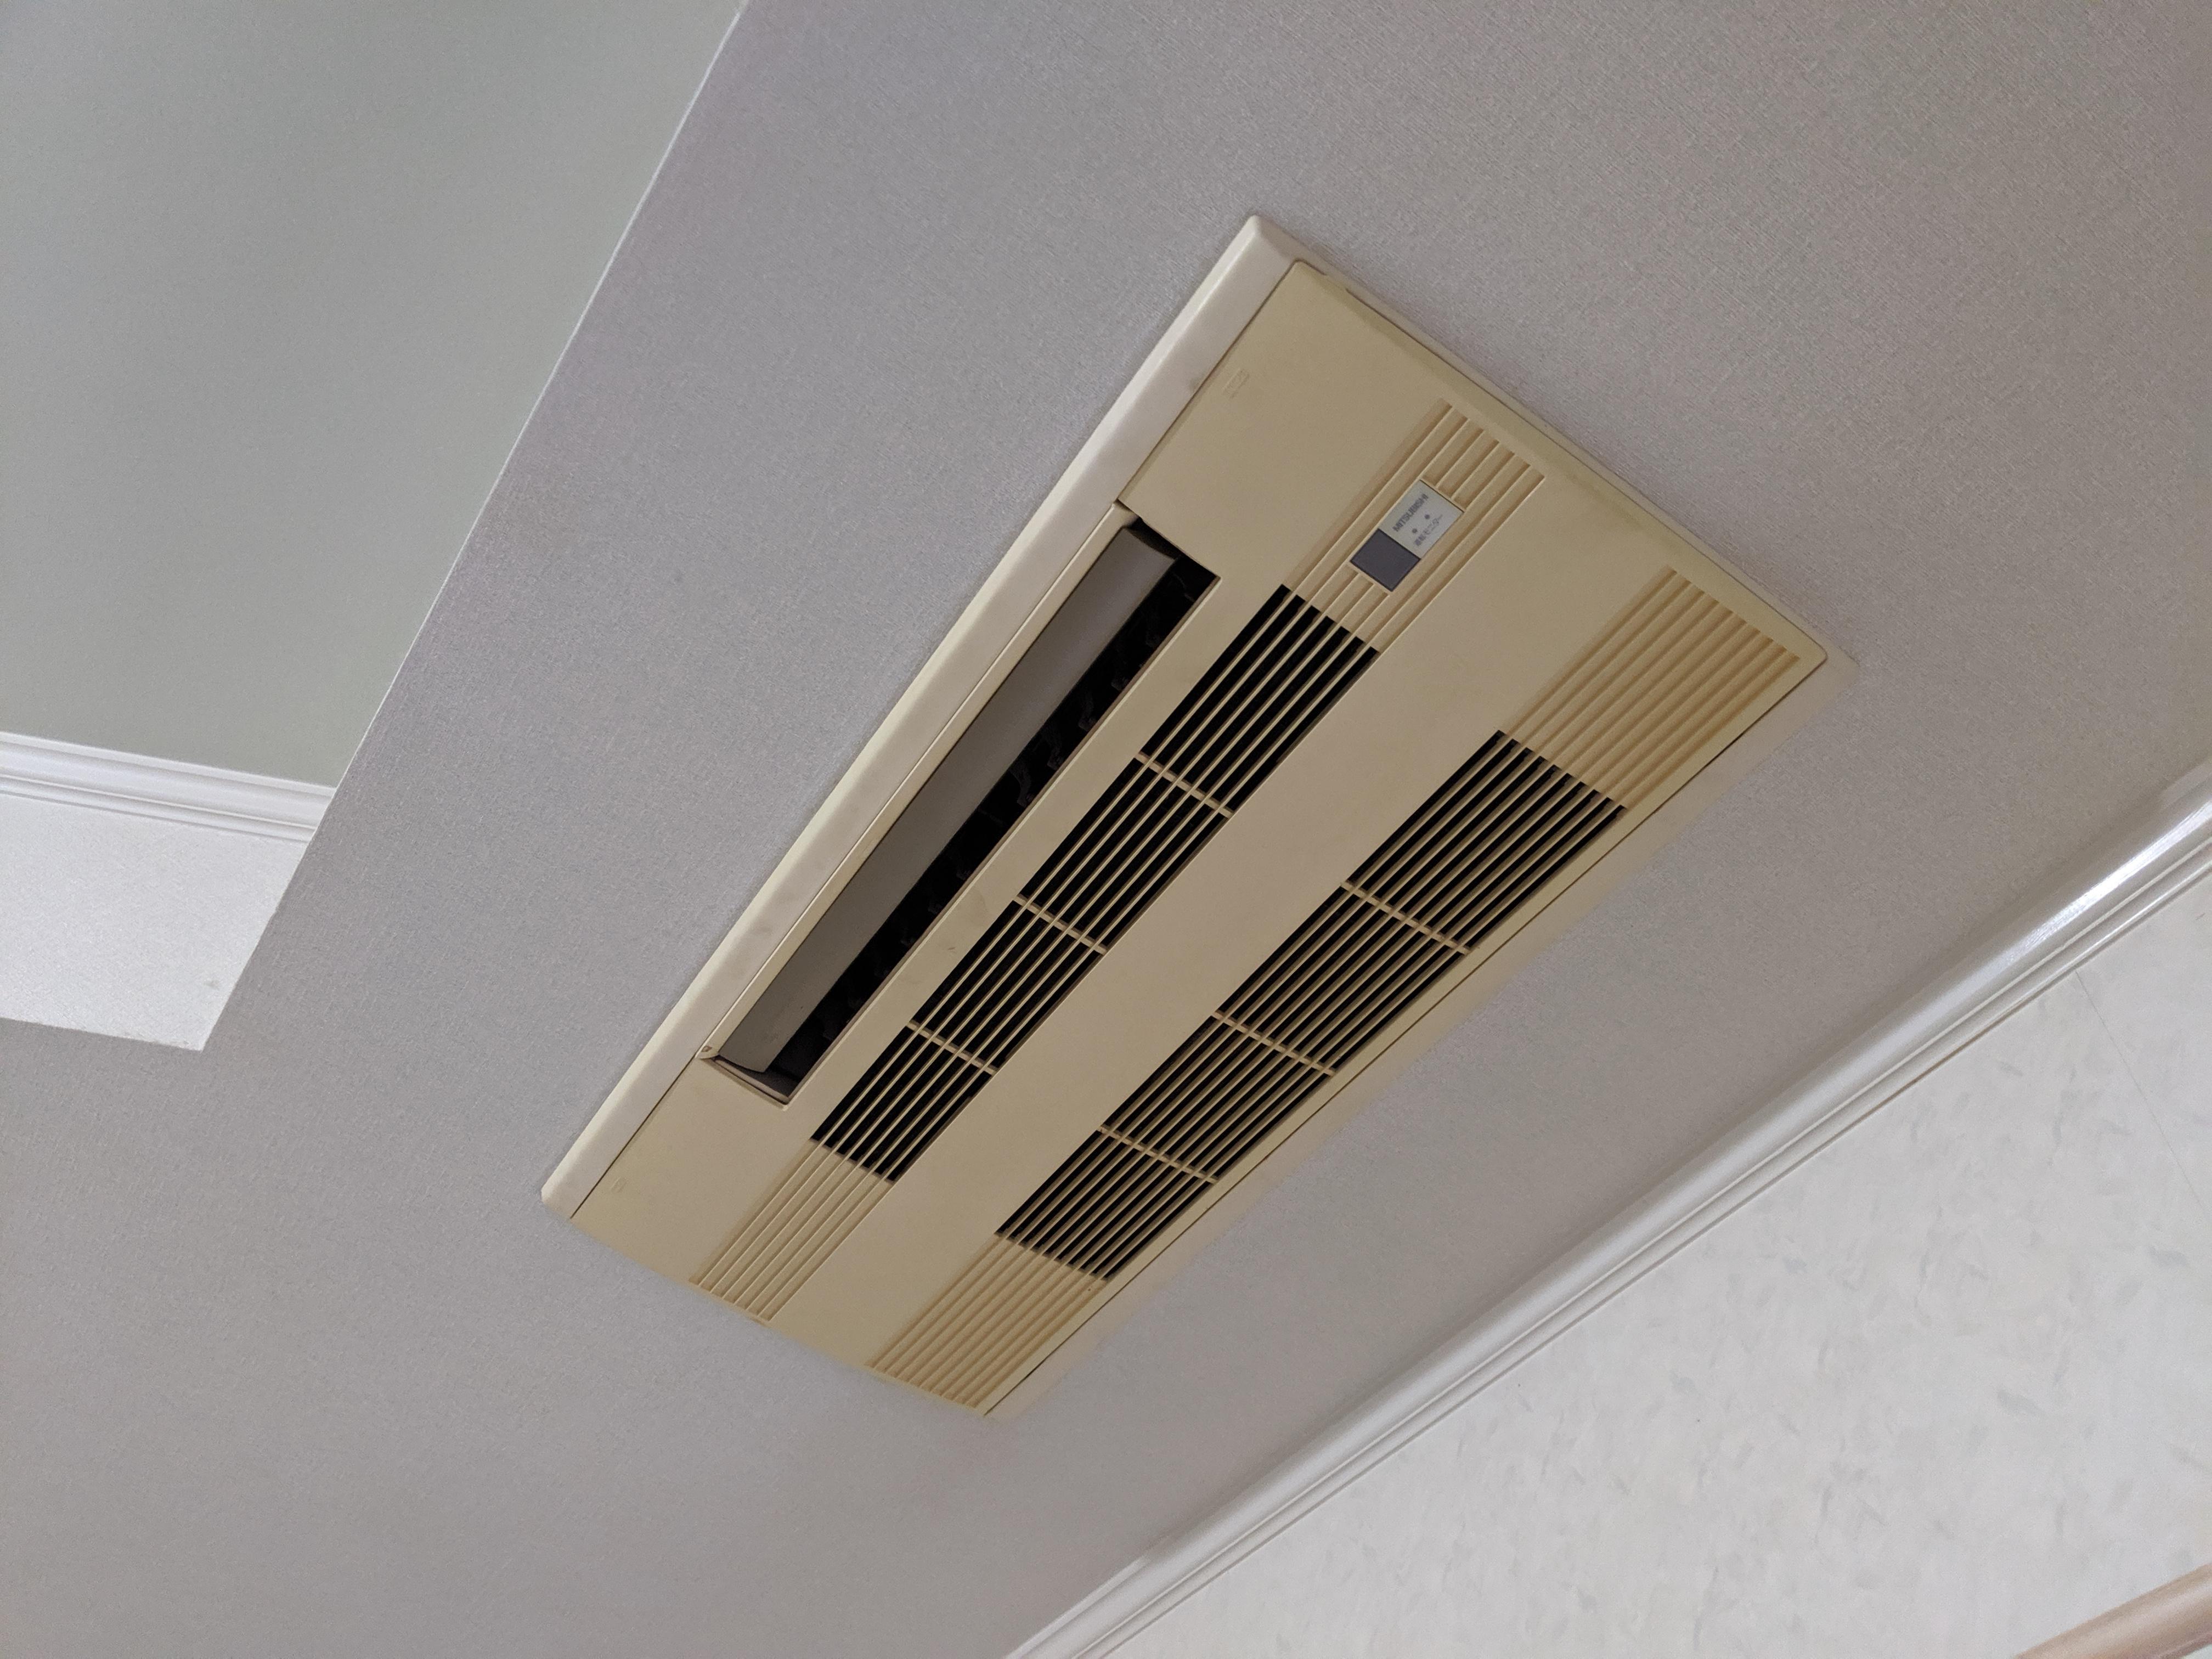 ハウジングエアコン 天井カセット室内機 既設